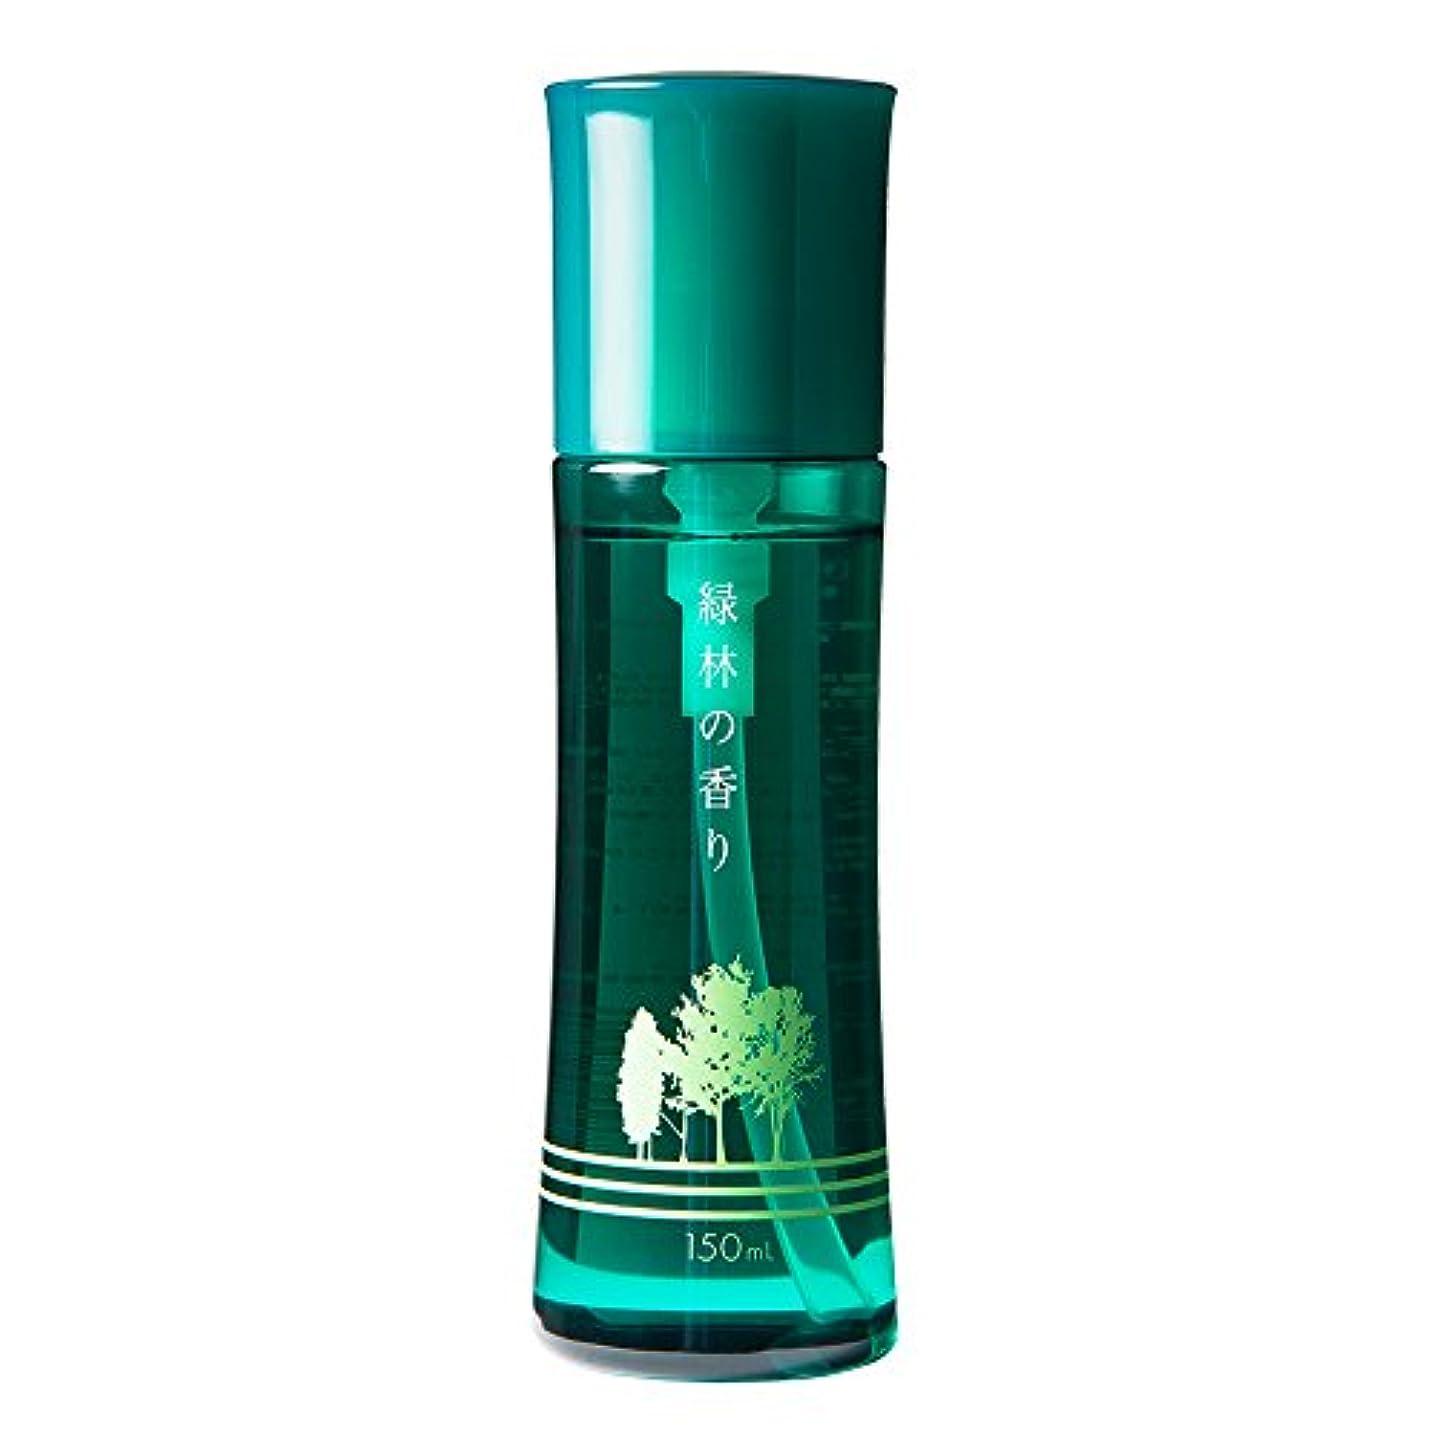 炎上フォアマンコスト芳香剤「緑林の香り(みどりの香り)」150mL 日本予防医薬